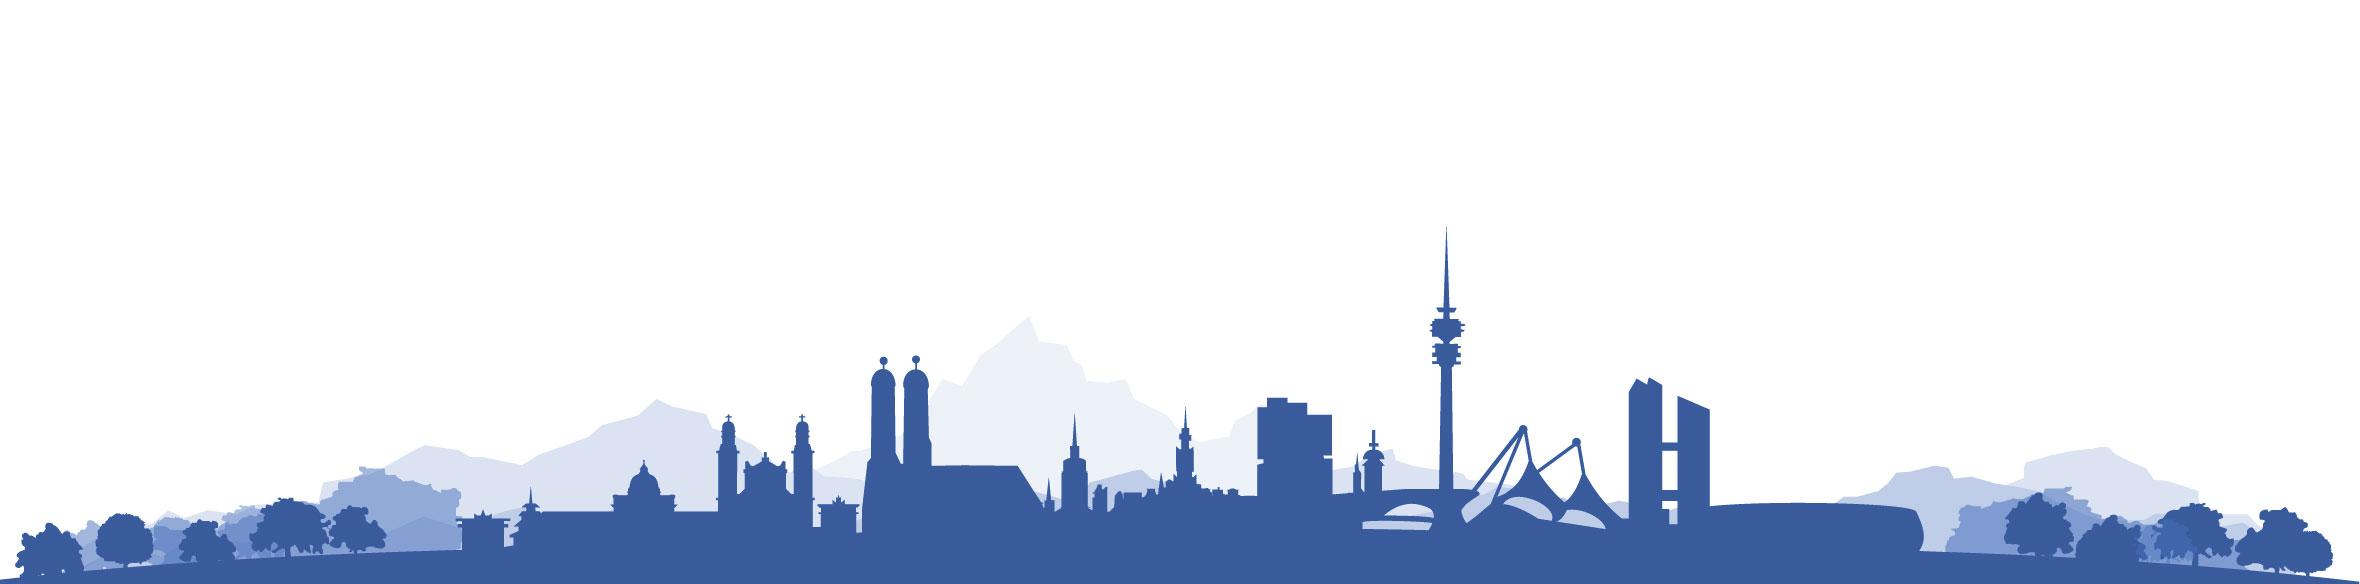 Skyline-blau